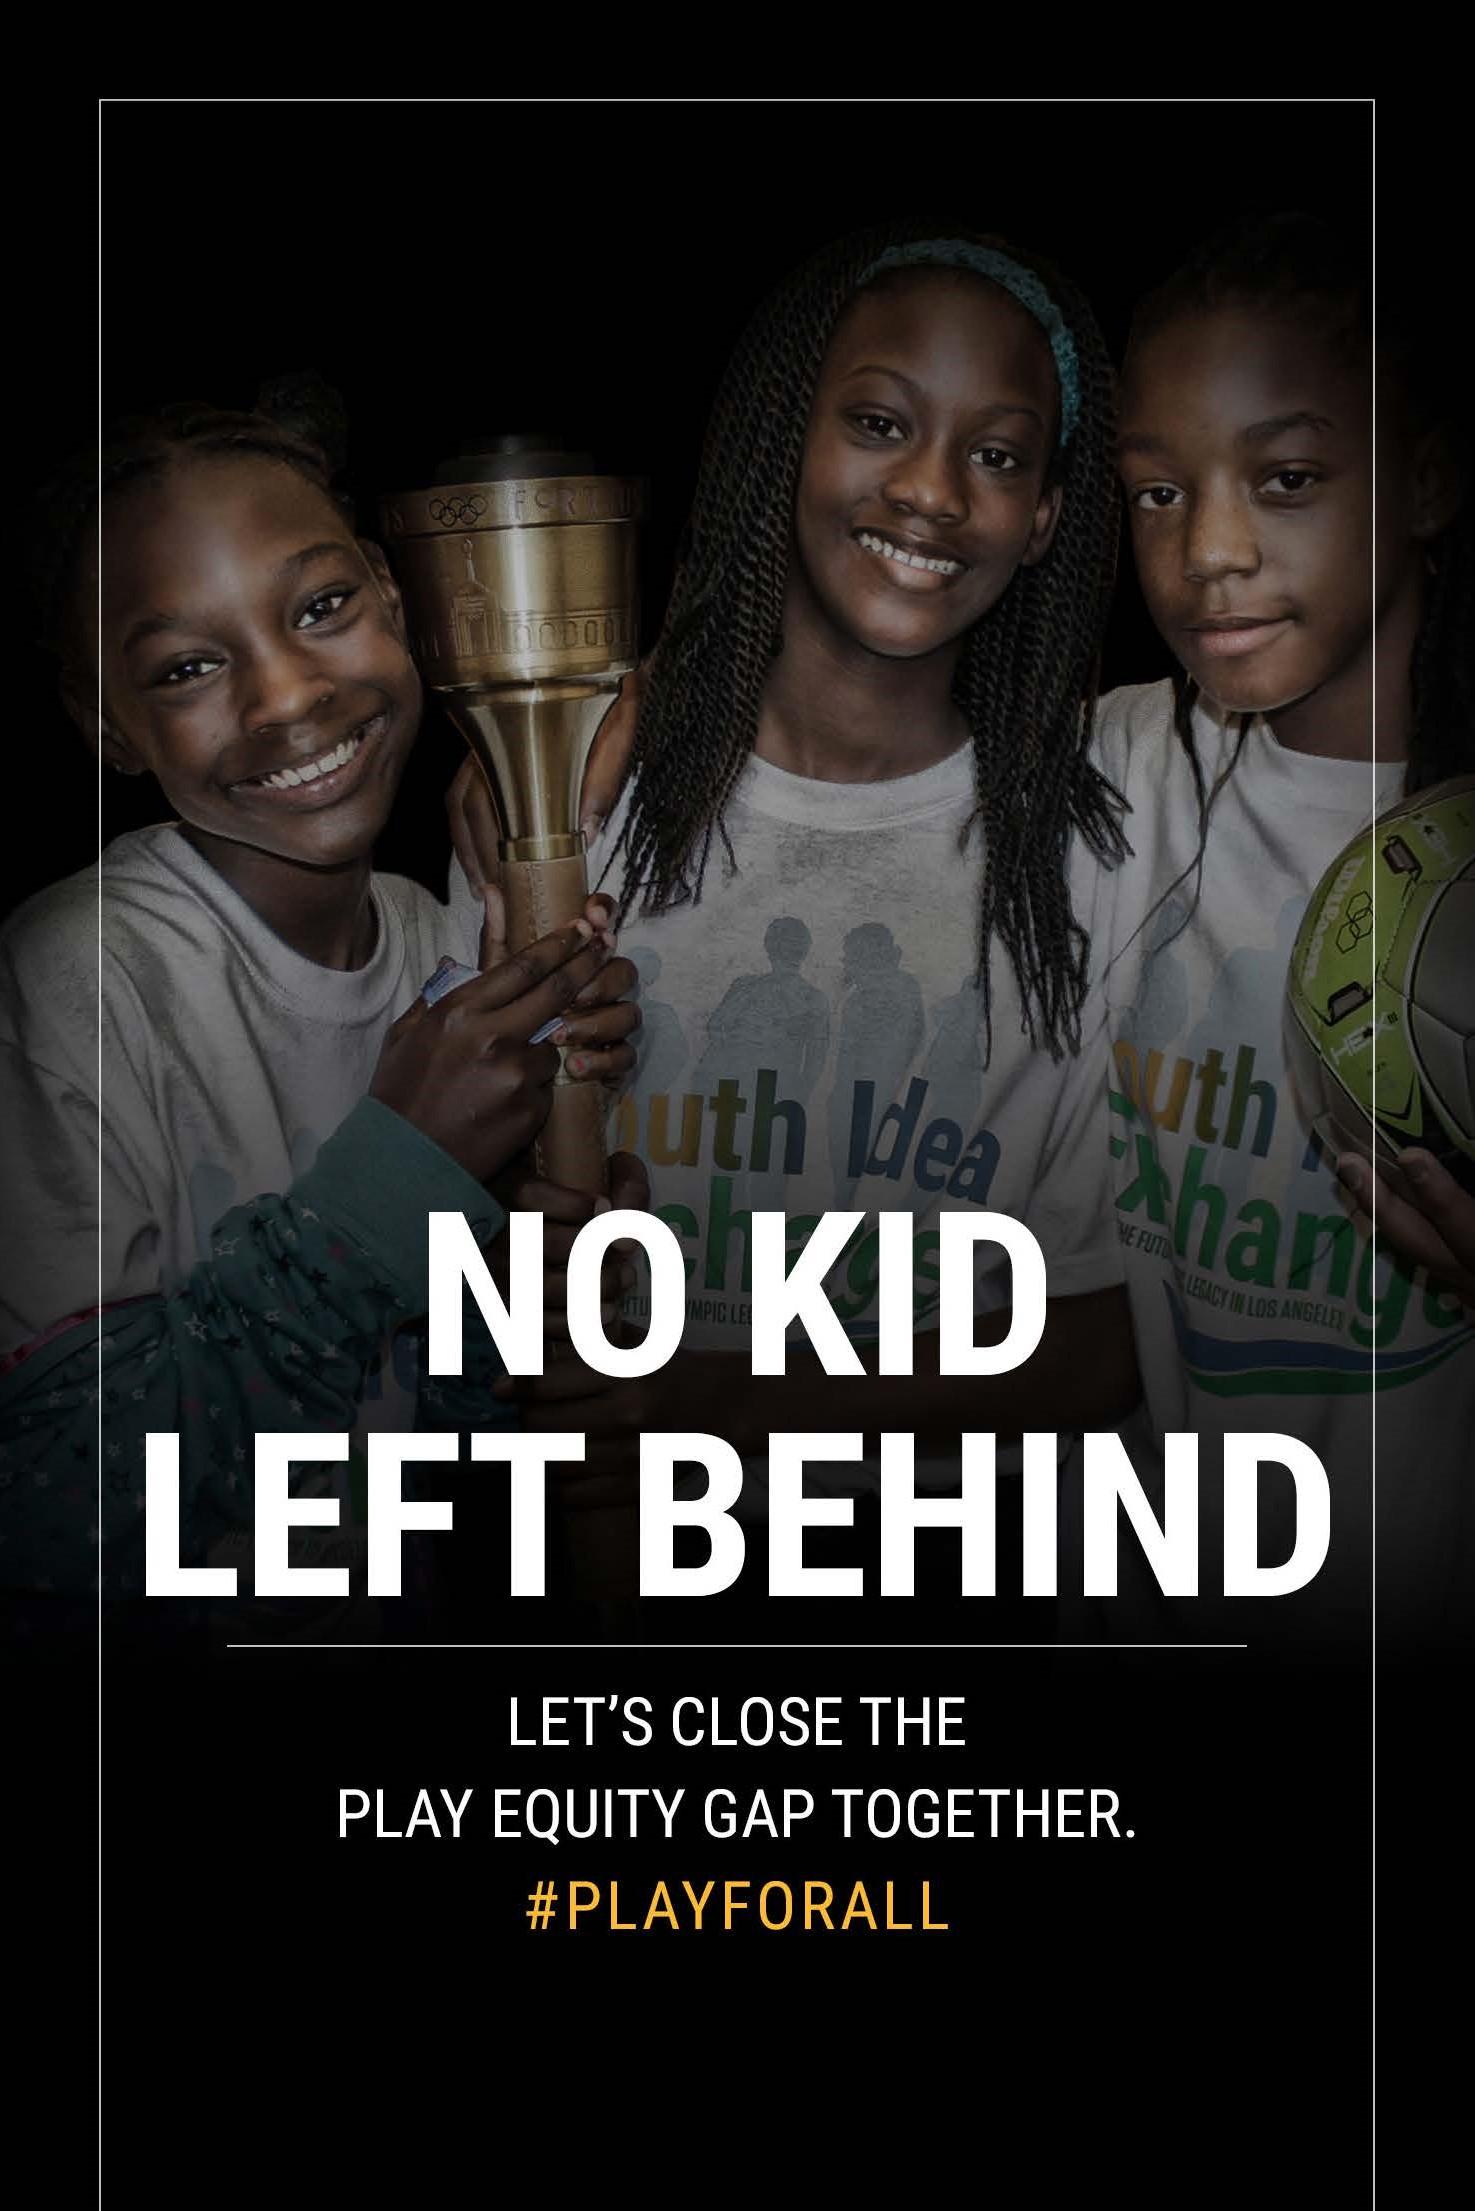 No Kid Left Behind 10-22 + 10-26-17 website